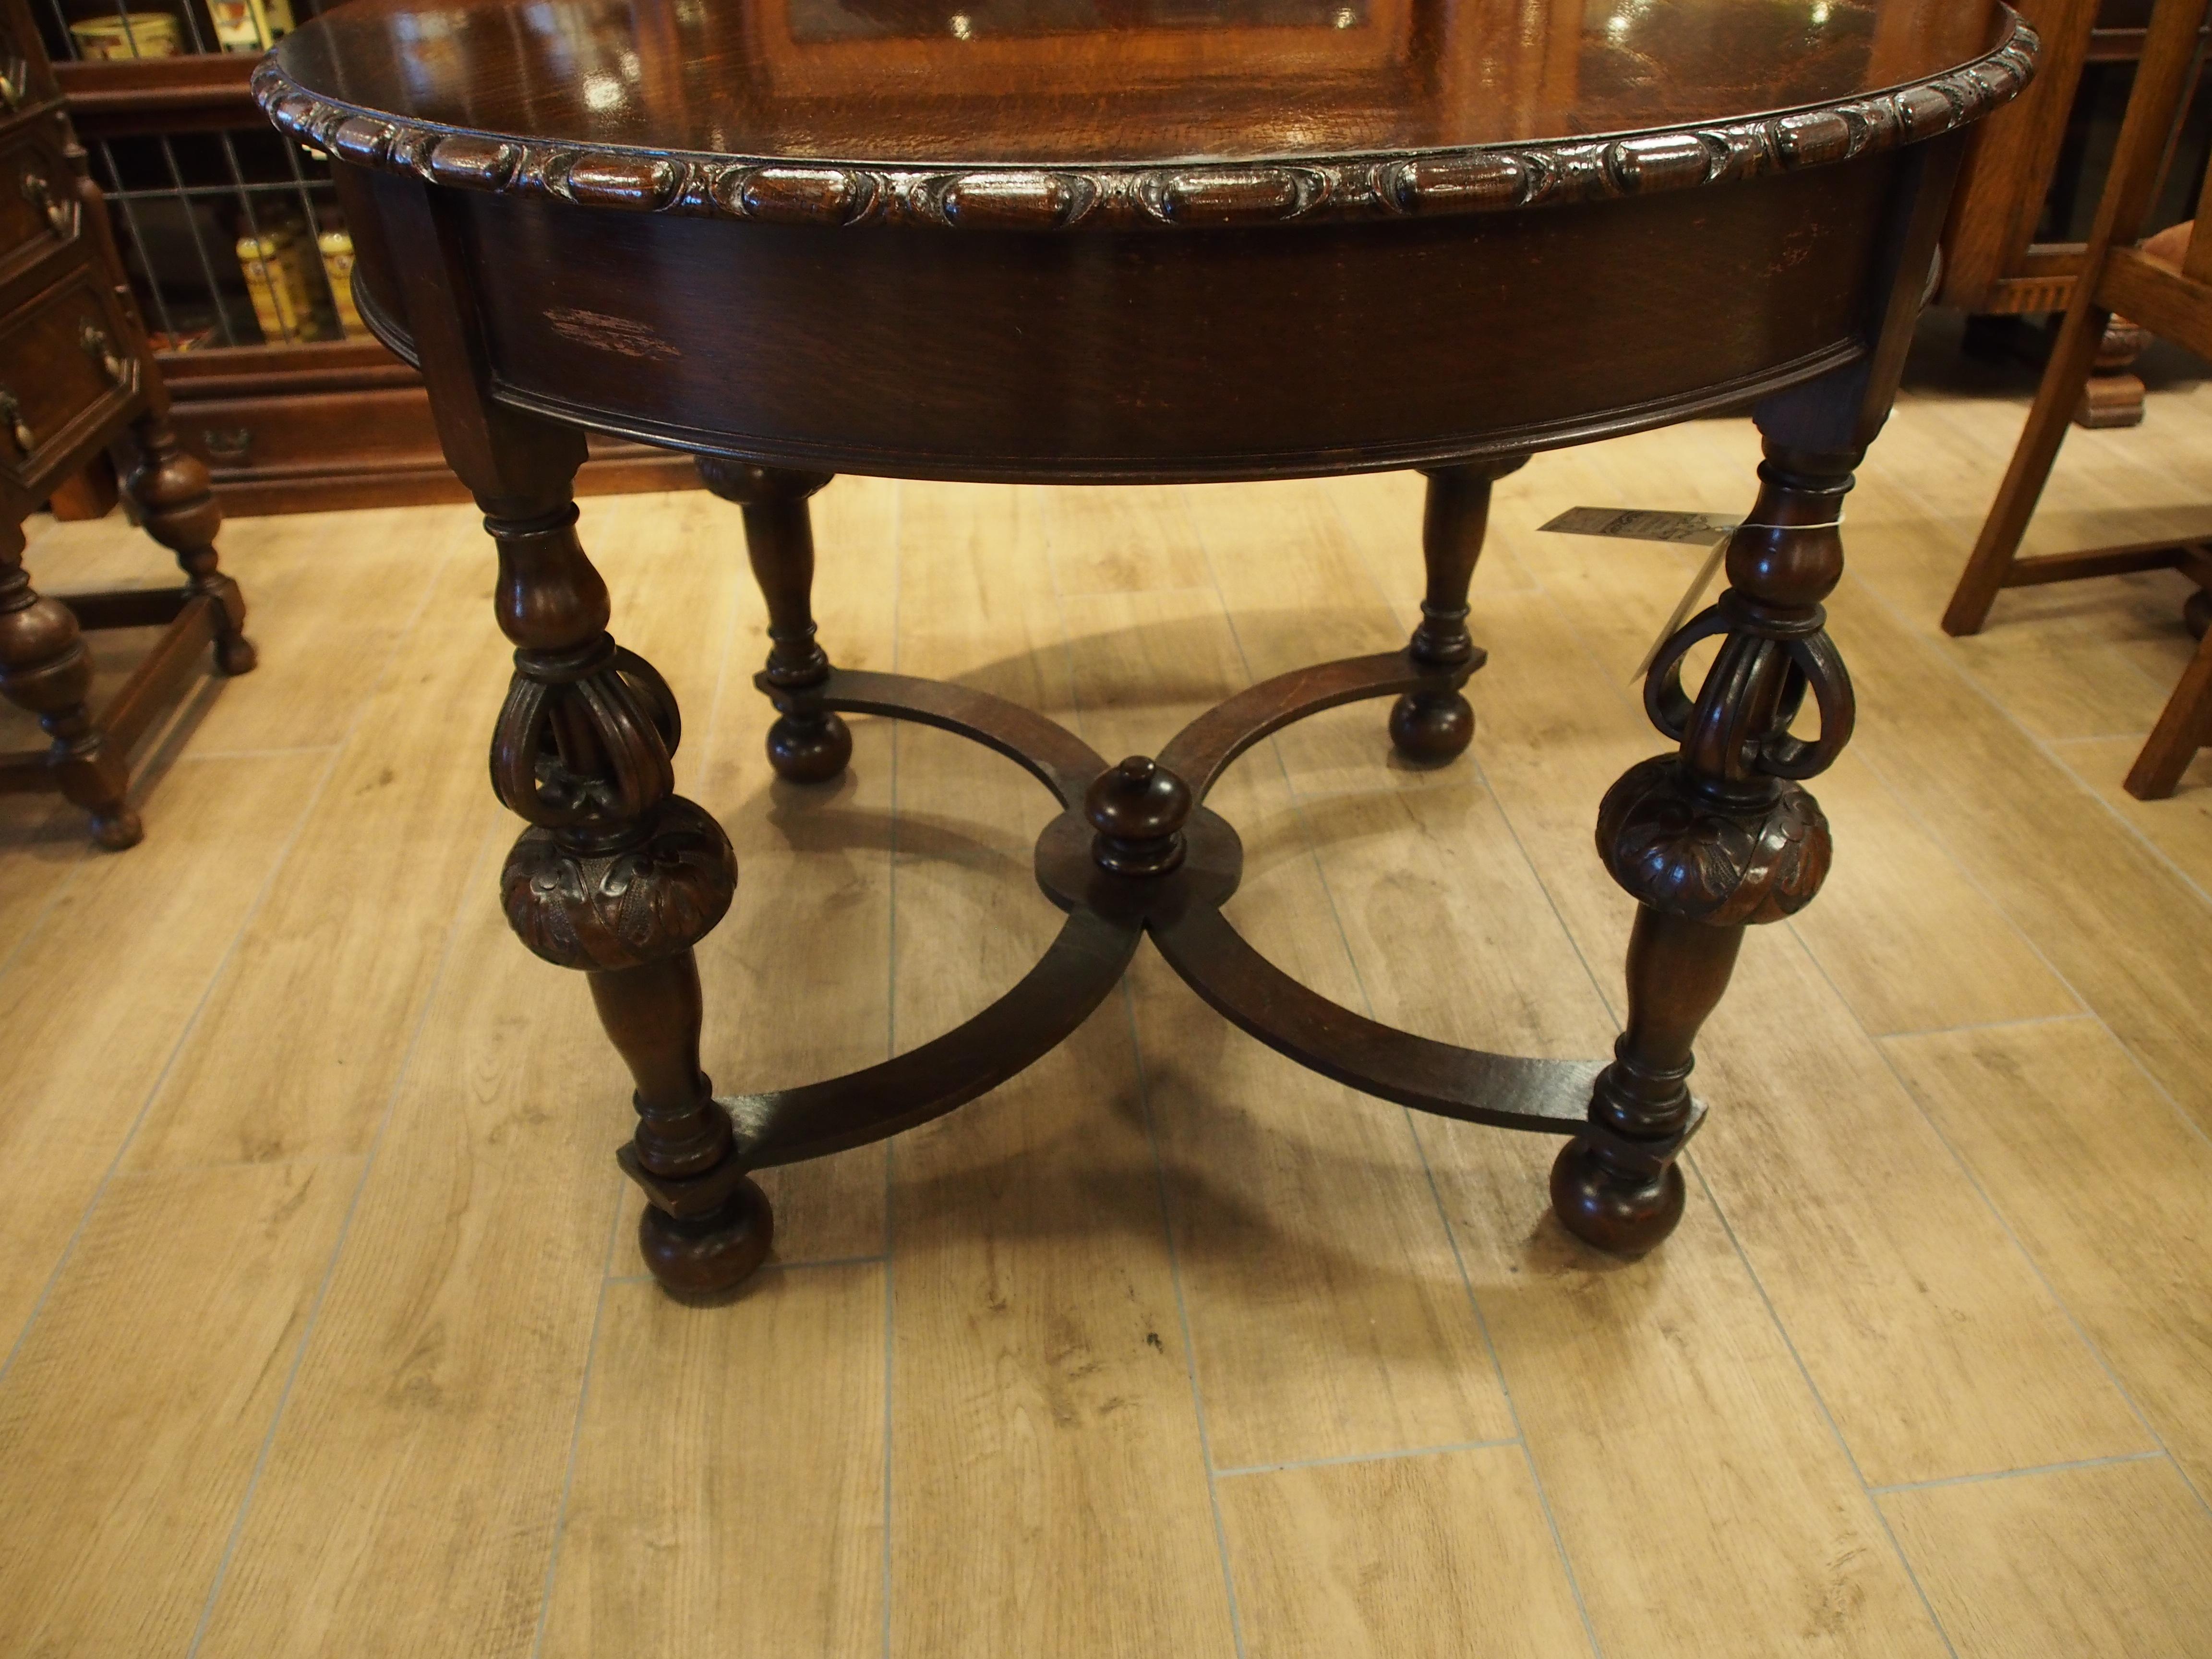 アンティーク家具 箕面 ダイニングテーブル ラウンド テーブル 四本脚 ウィリアムアンドメアリー オーク無垢 彫刻 ヴィンテージ家具 ビンテージ家具 イギリスアンティーク家具 イギリス 英国家具 イギリス家具